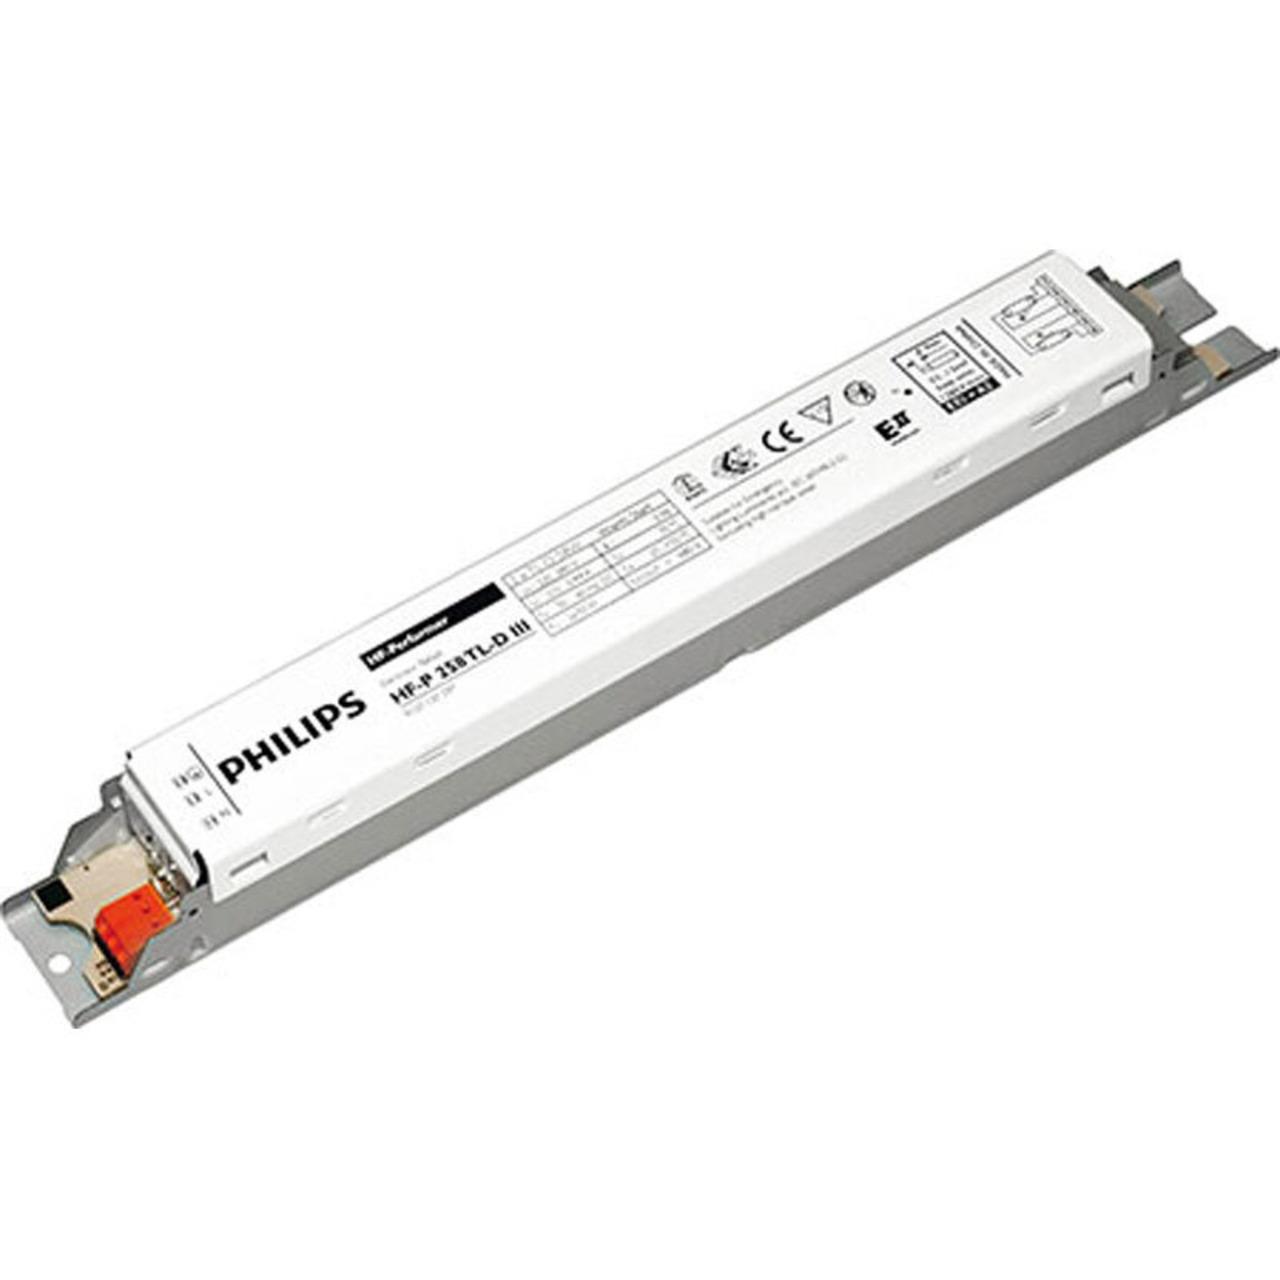 Philips Elektronisches Vorschaltgerund-228 t HF-P 258 TL-D- nicht dimmbar- 2x 58 W